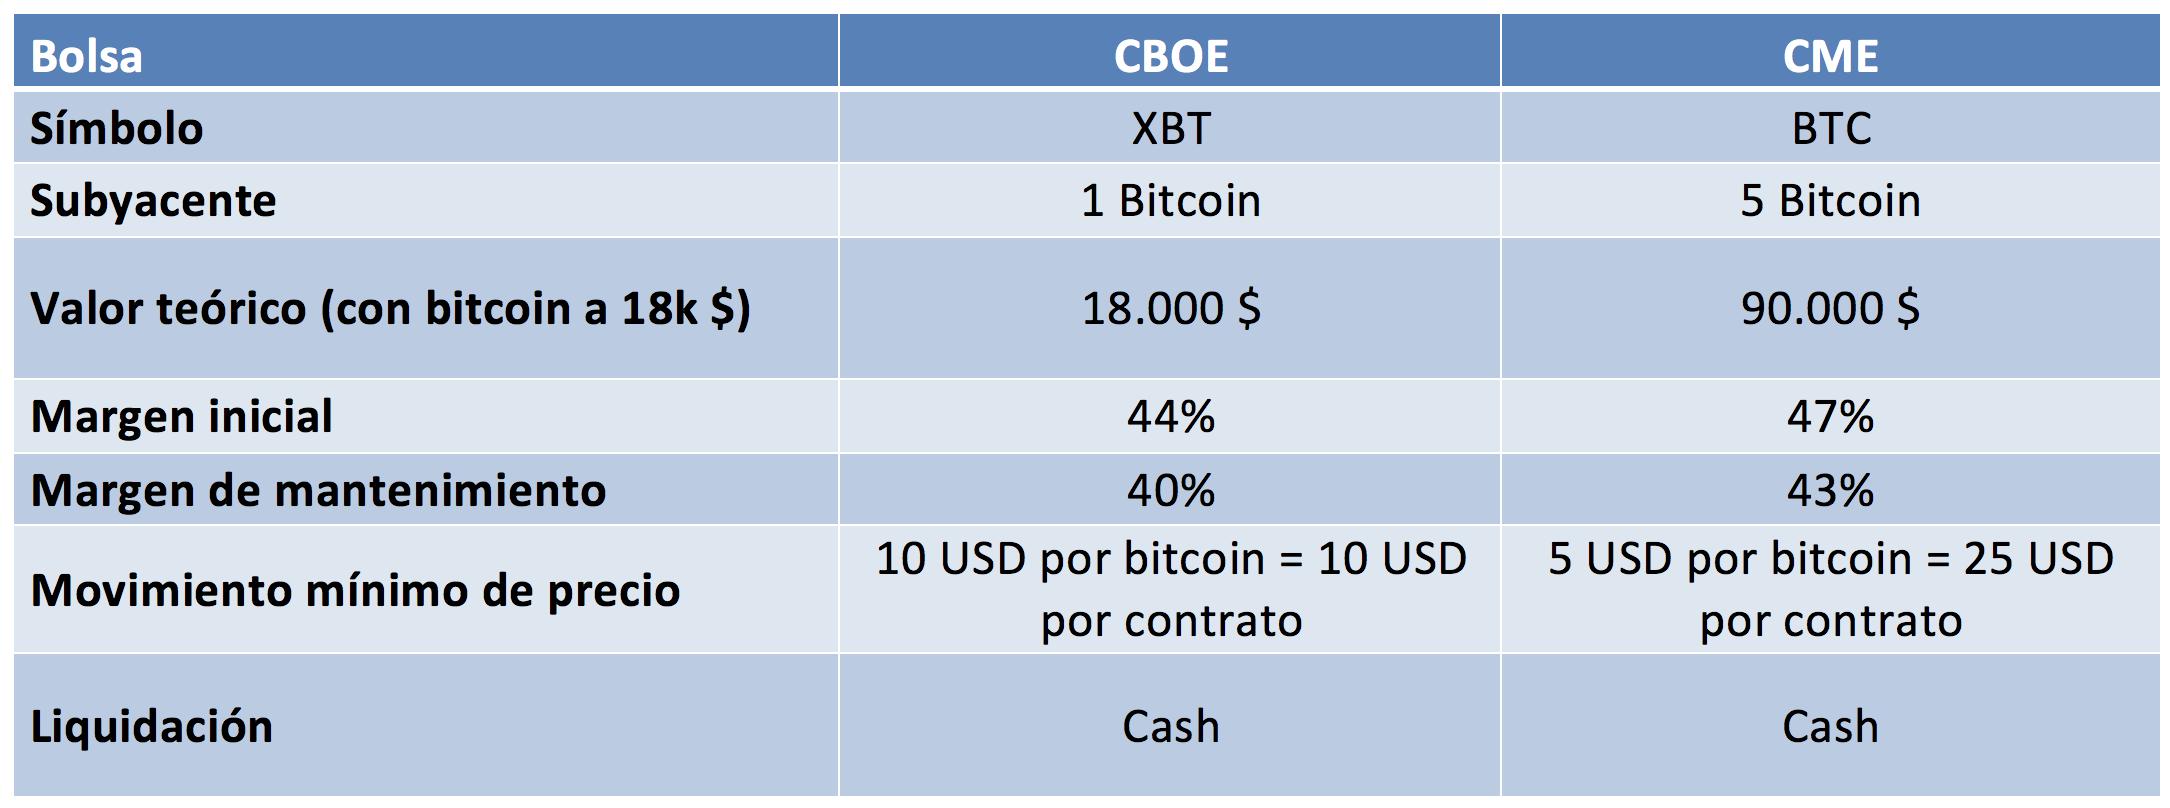 Tabla comparativa de las características de los contratos de futuros sobre Bitcoin